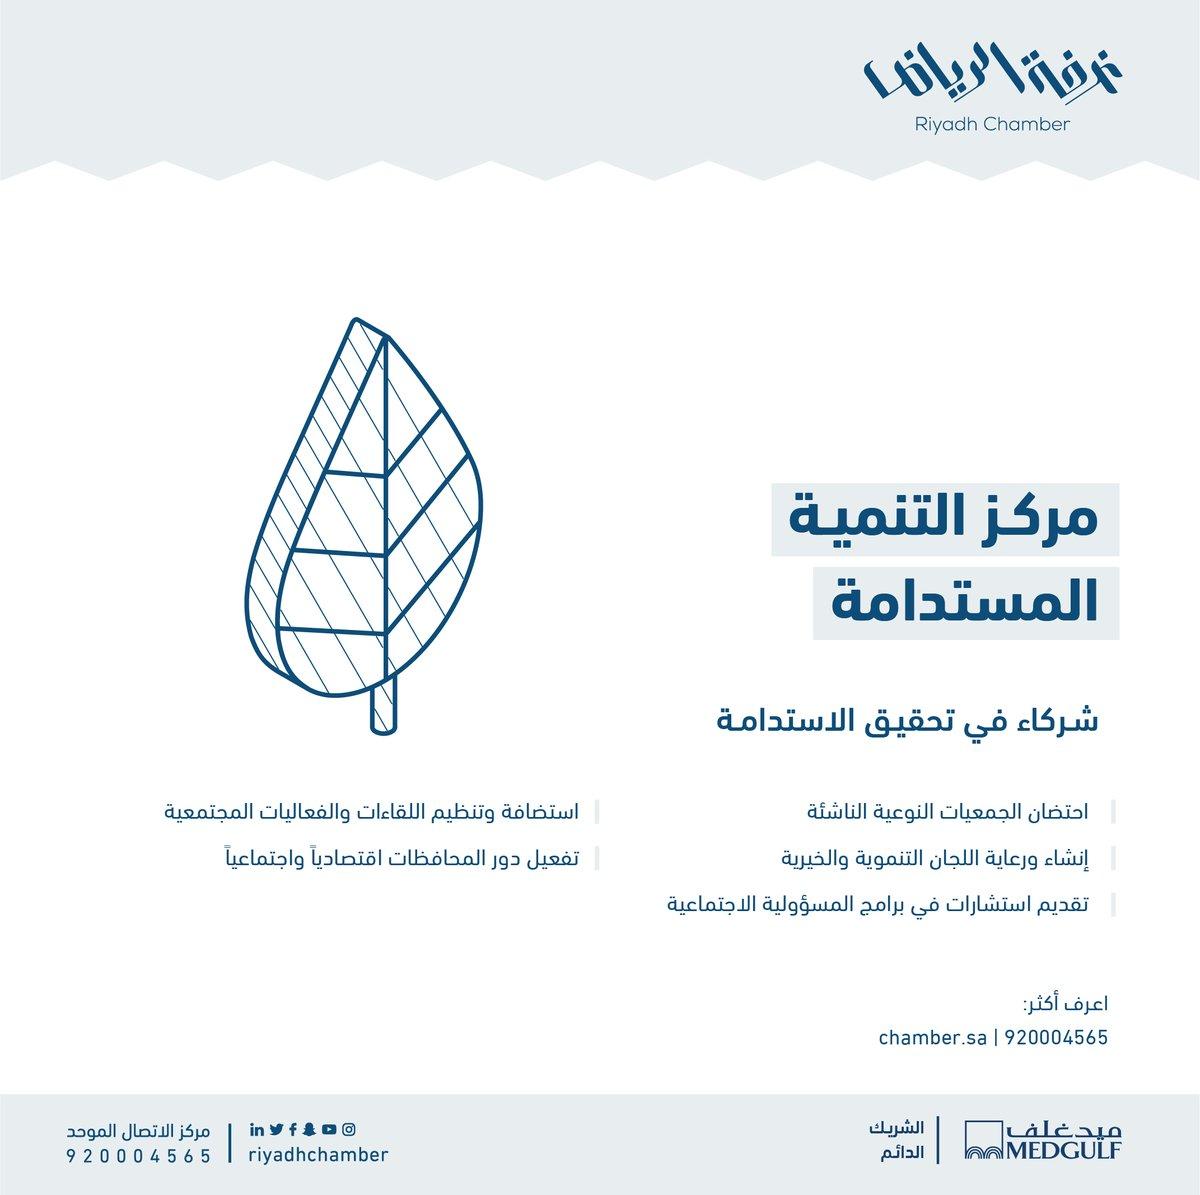 مركز التنمية المستدامة في #غرفة_الرياض شركاء فاعلون في تحقيق الإستدامة   اعرف أكثر: 920004565 https://t.co/ywKZEBK1KZ @Rdcci_Care  #صوت_اعمالك https://t.co/19GQ4aqoBN